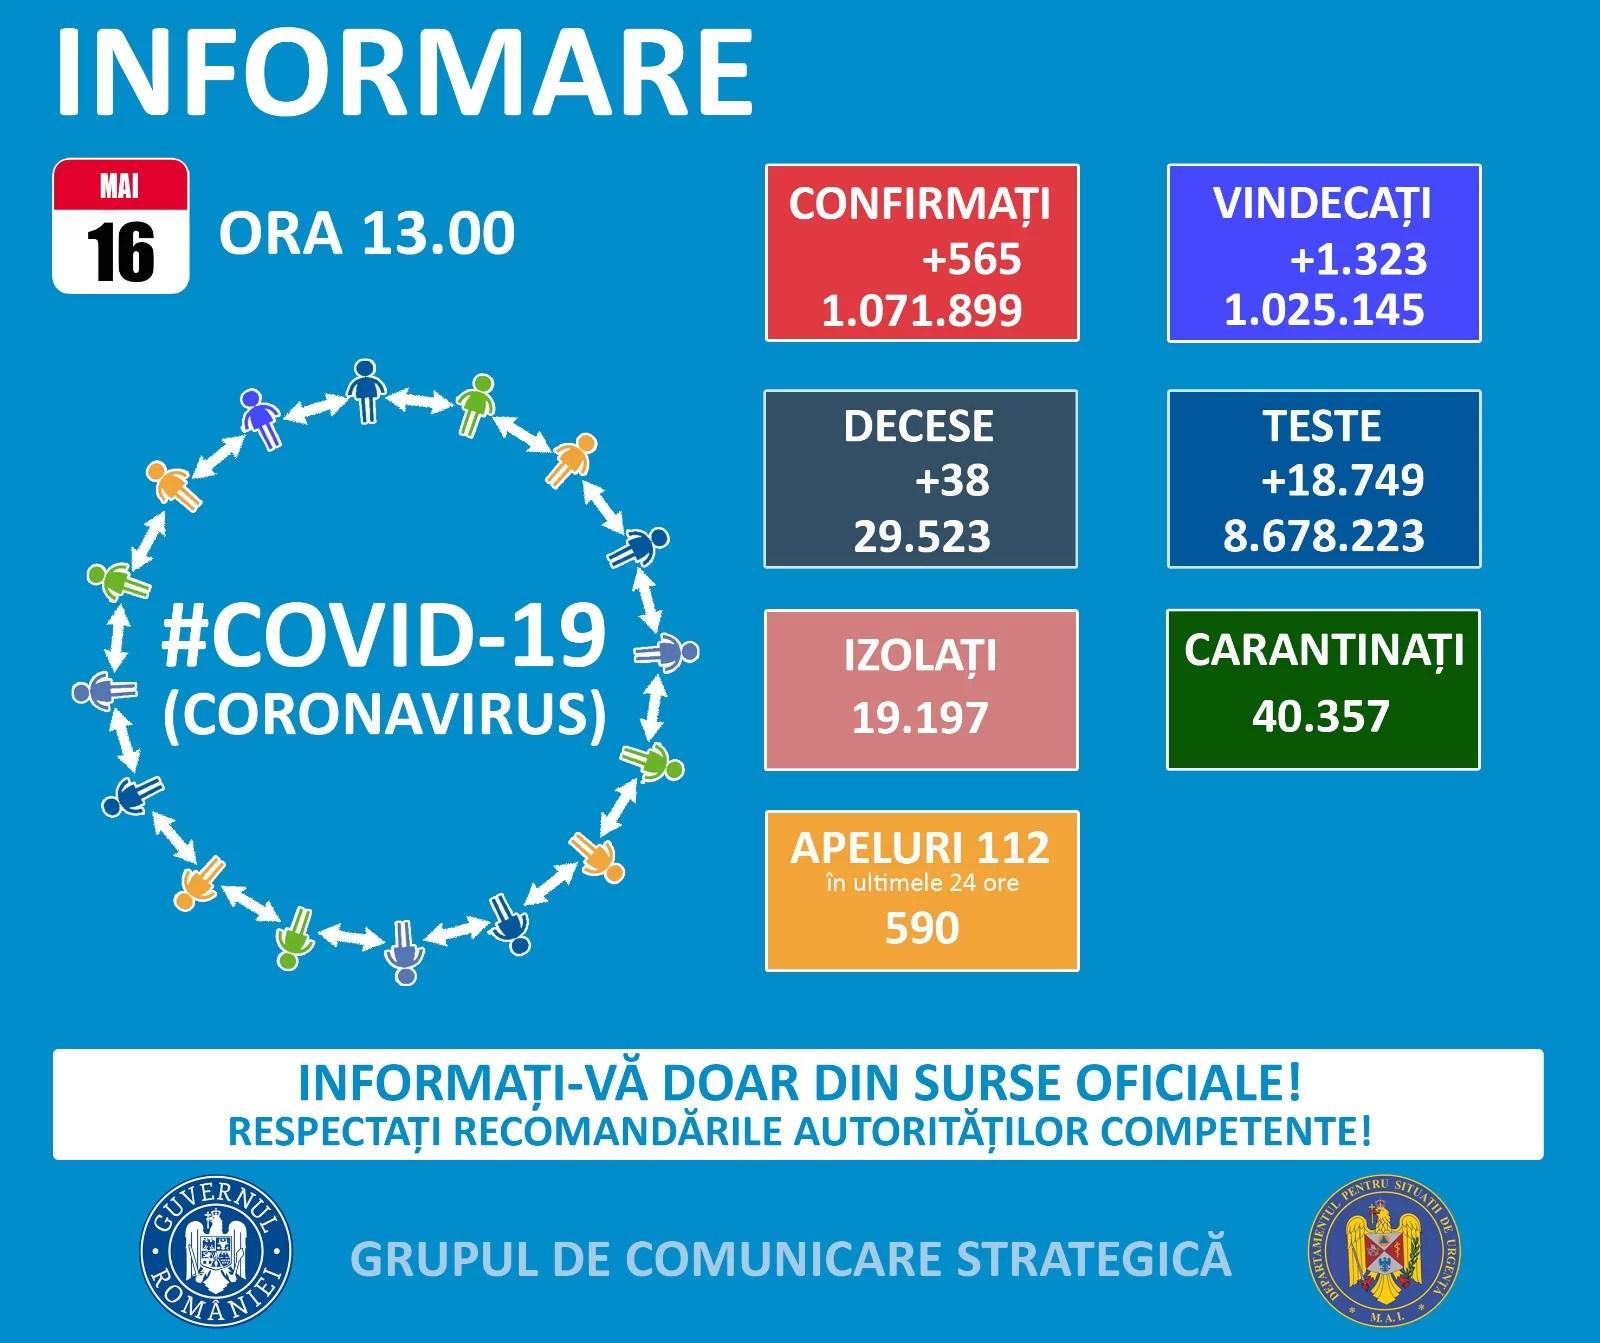 Scădere vertiginoasă a numărului de cazuri Covid în țară și în Prahova – 16 mai